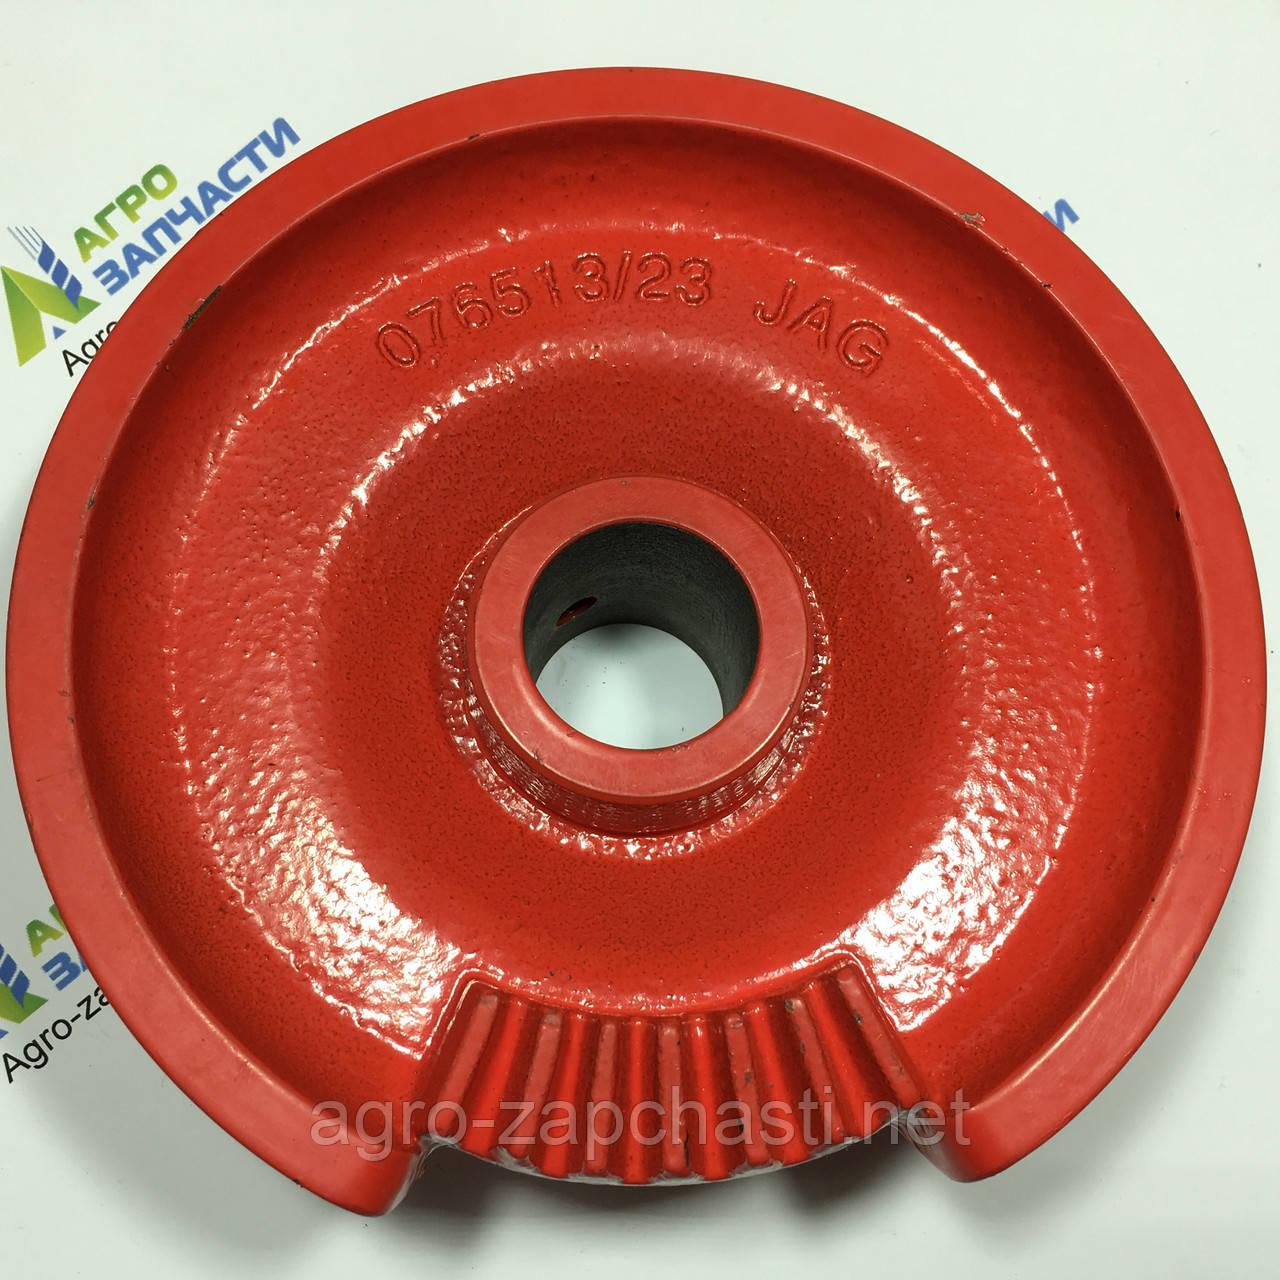 Тарелка (диск) вязального аппарата пресс-подборщика Welger AP 41,45,51,61, d35мм, z7 (7 зубьев)